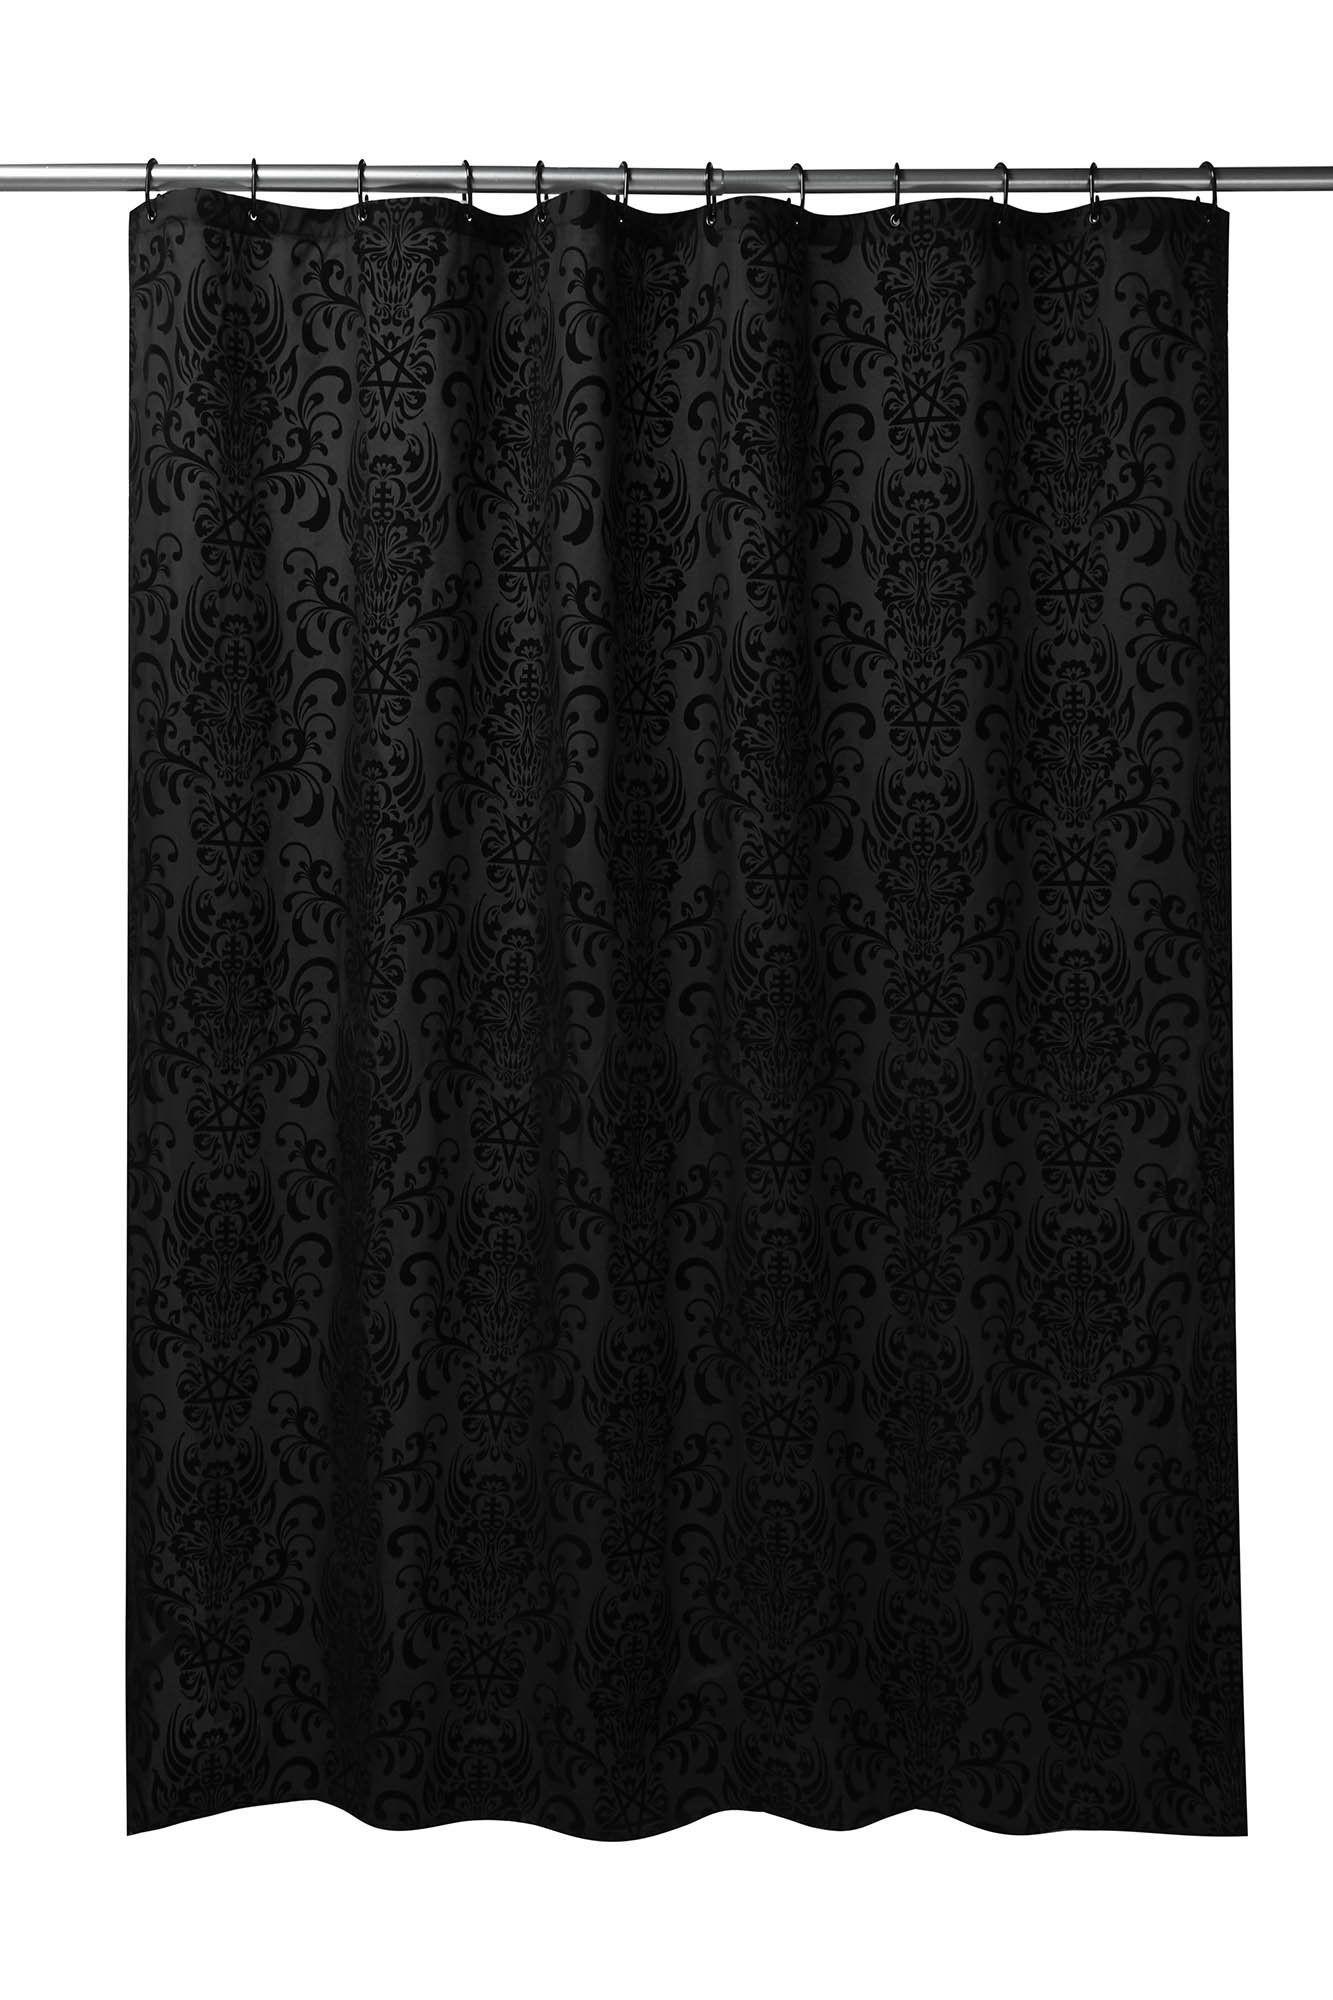 Bloodlust Shower Curtain One Size Black Black Shower